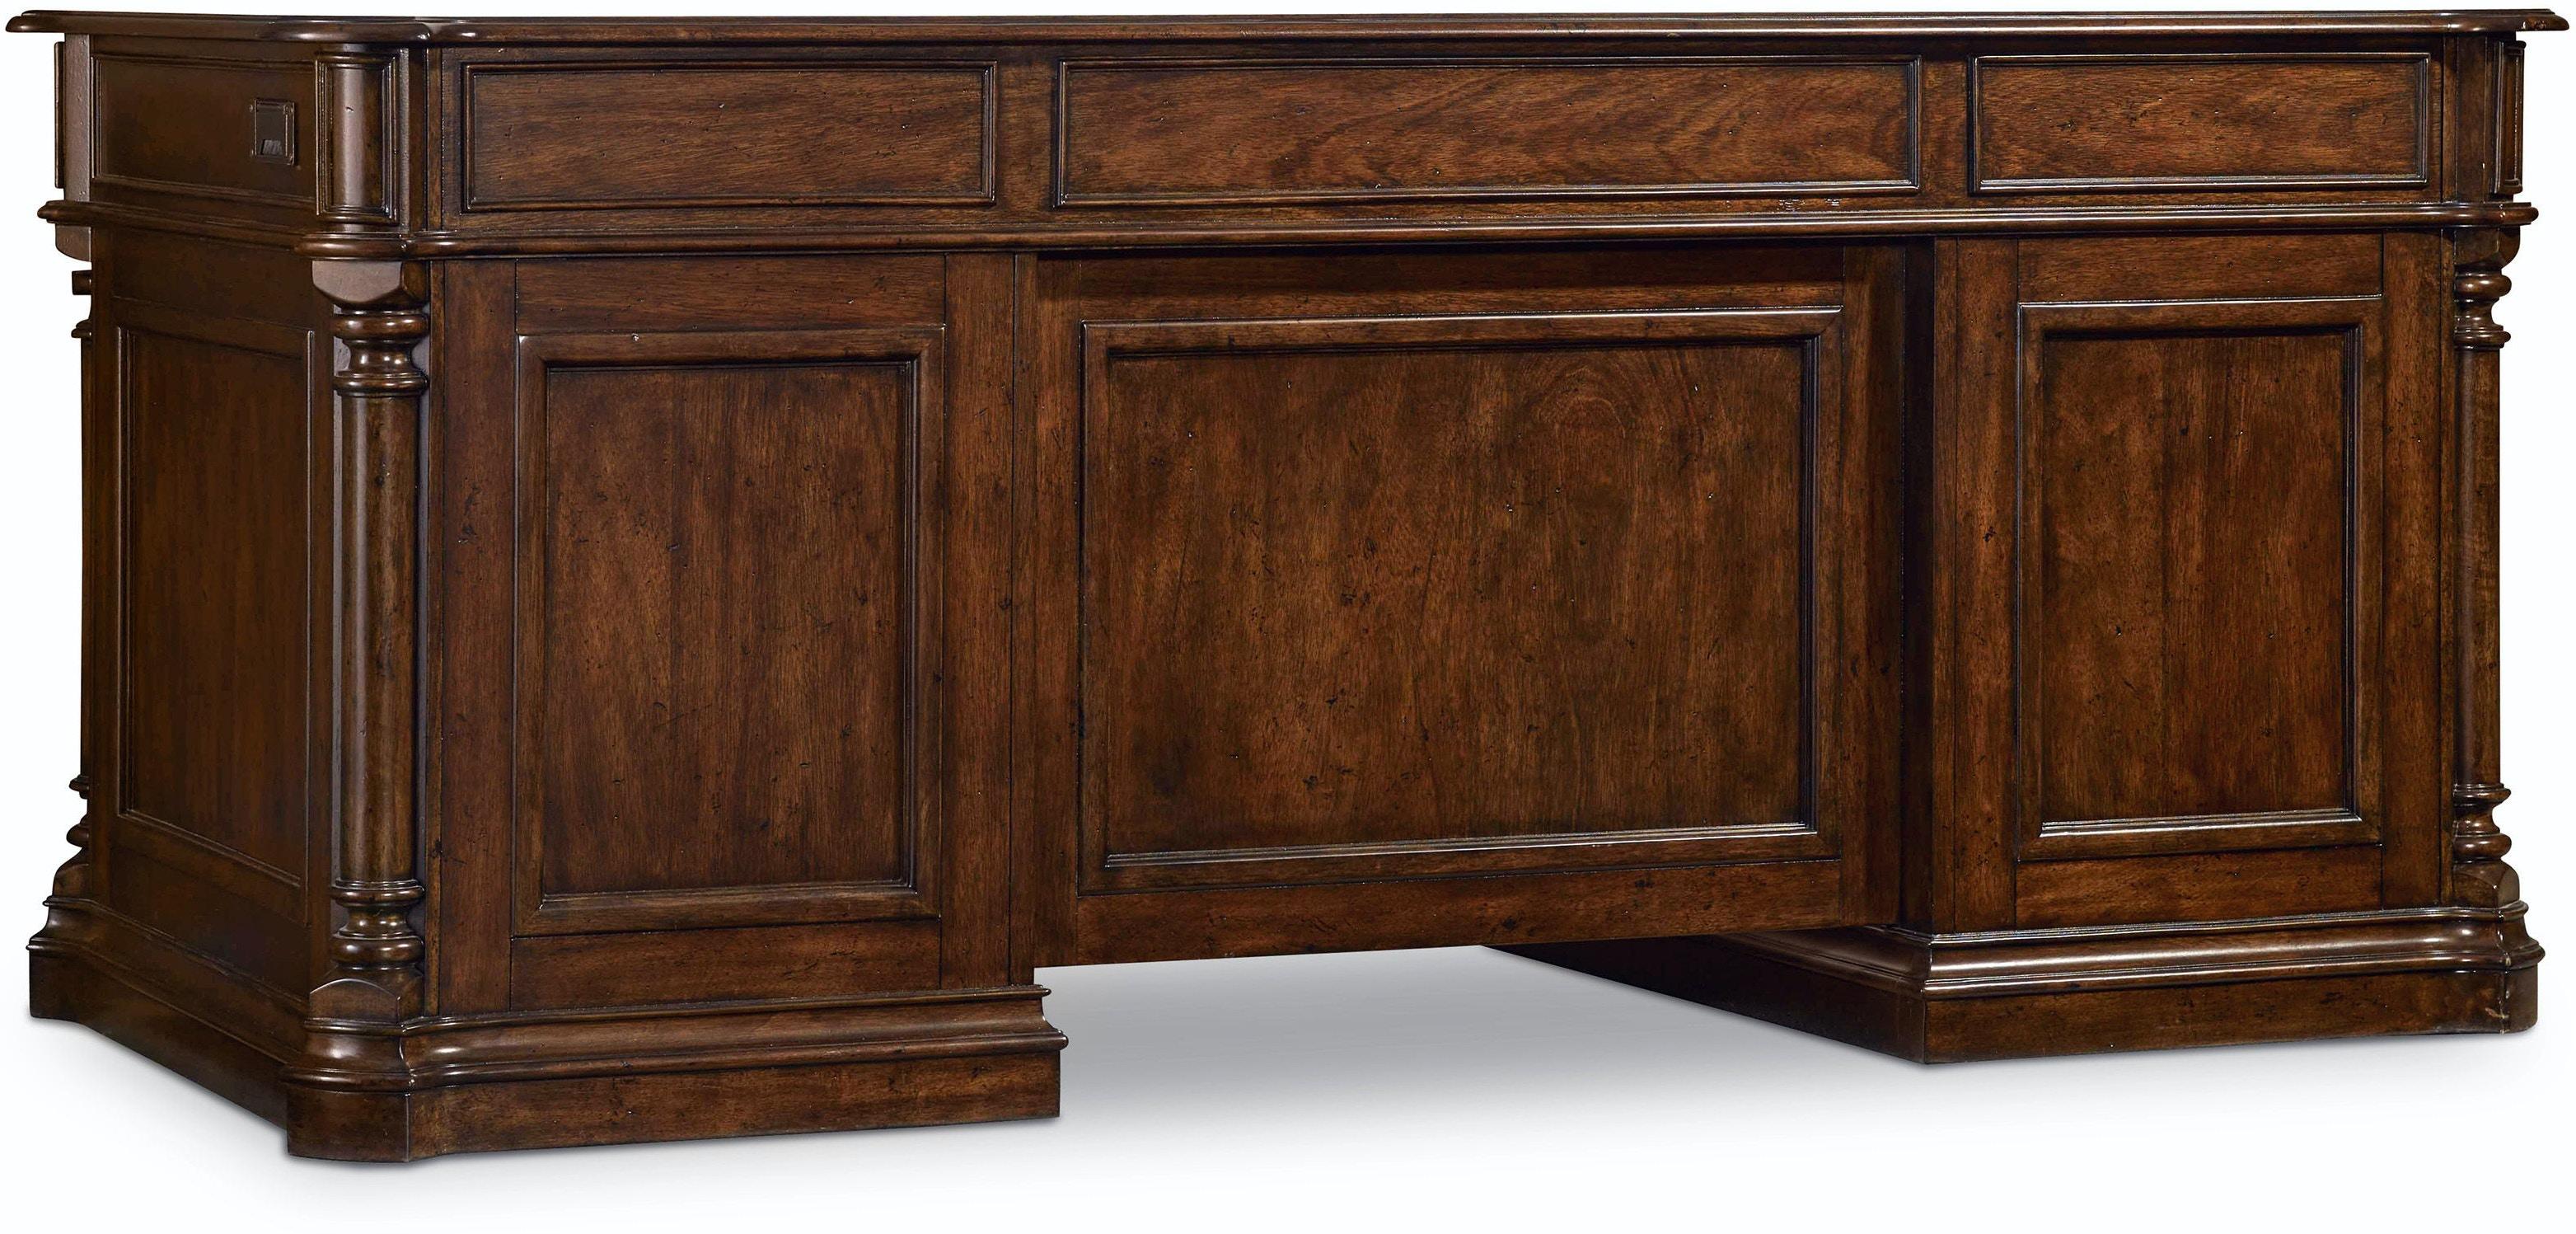 Hooker Furniture Home Office Leesburg Executive Desk 43-43